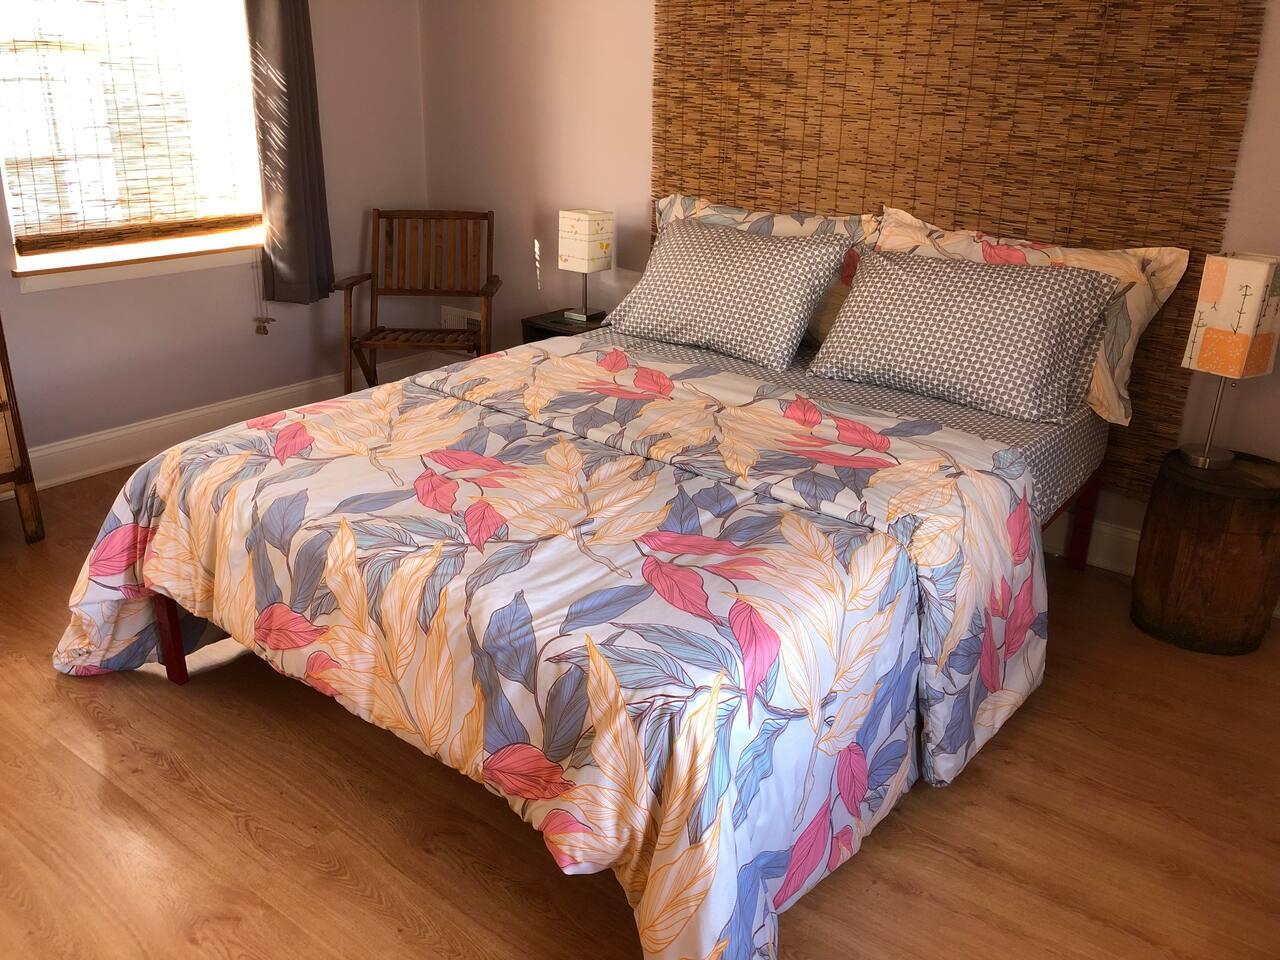 Third floor bedroom with queen bed